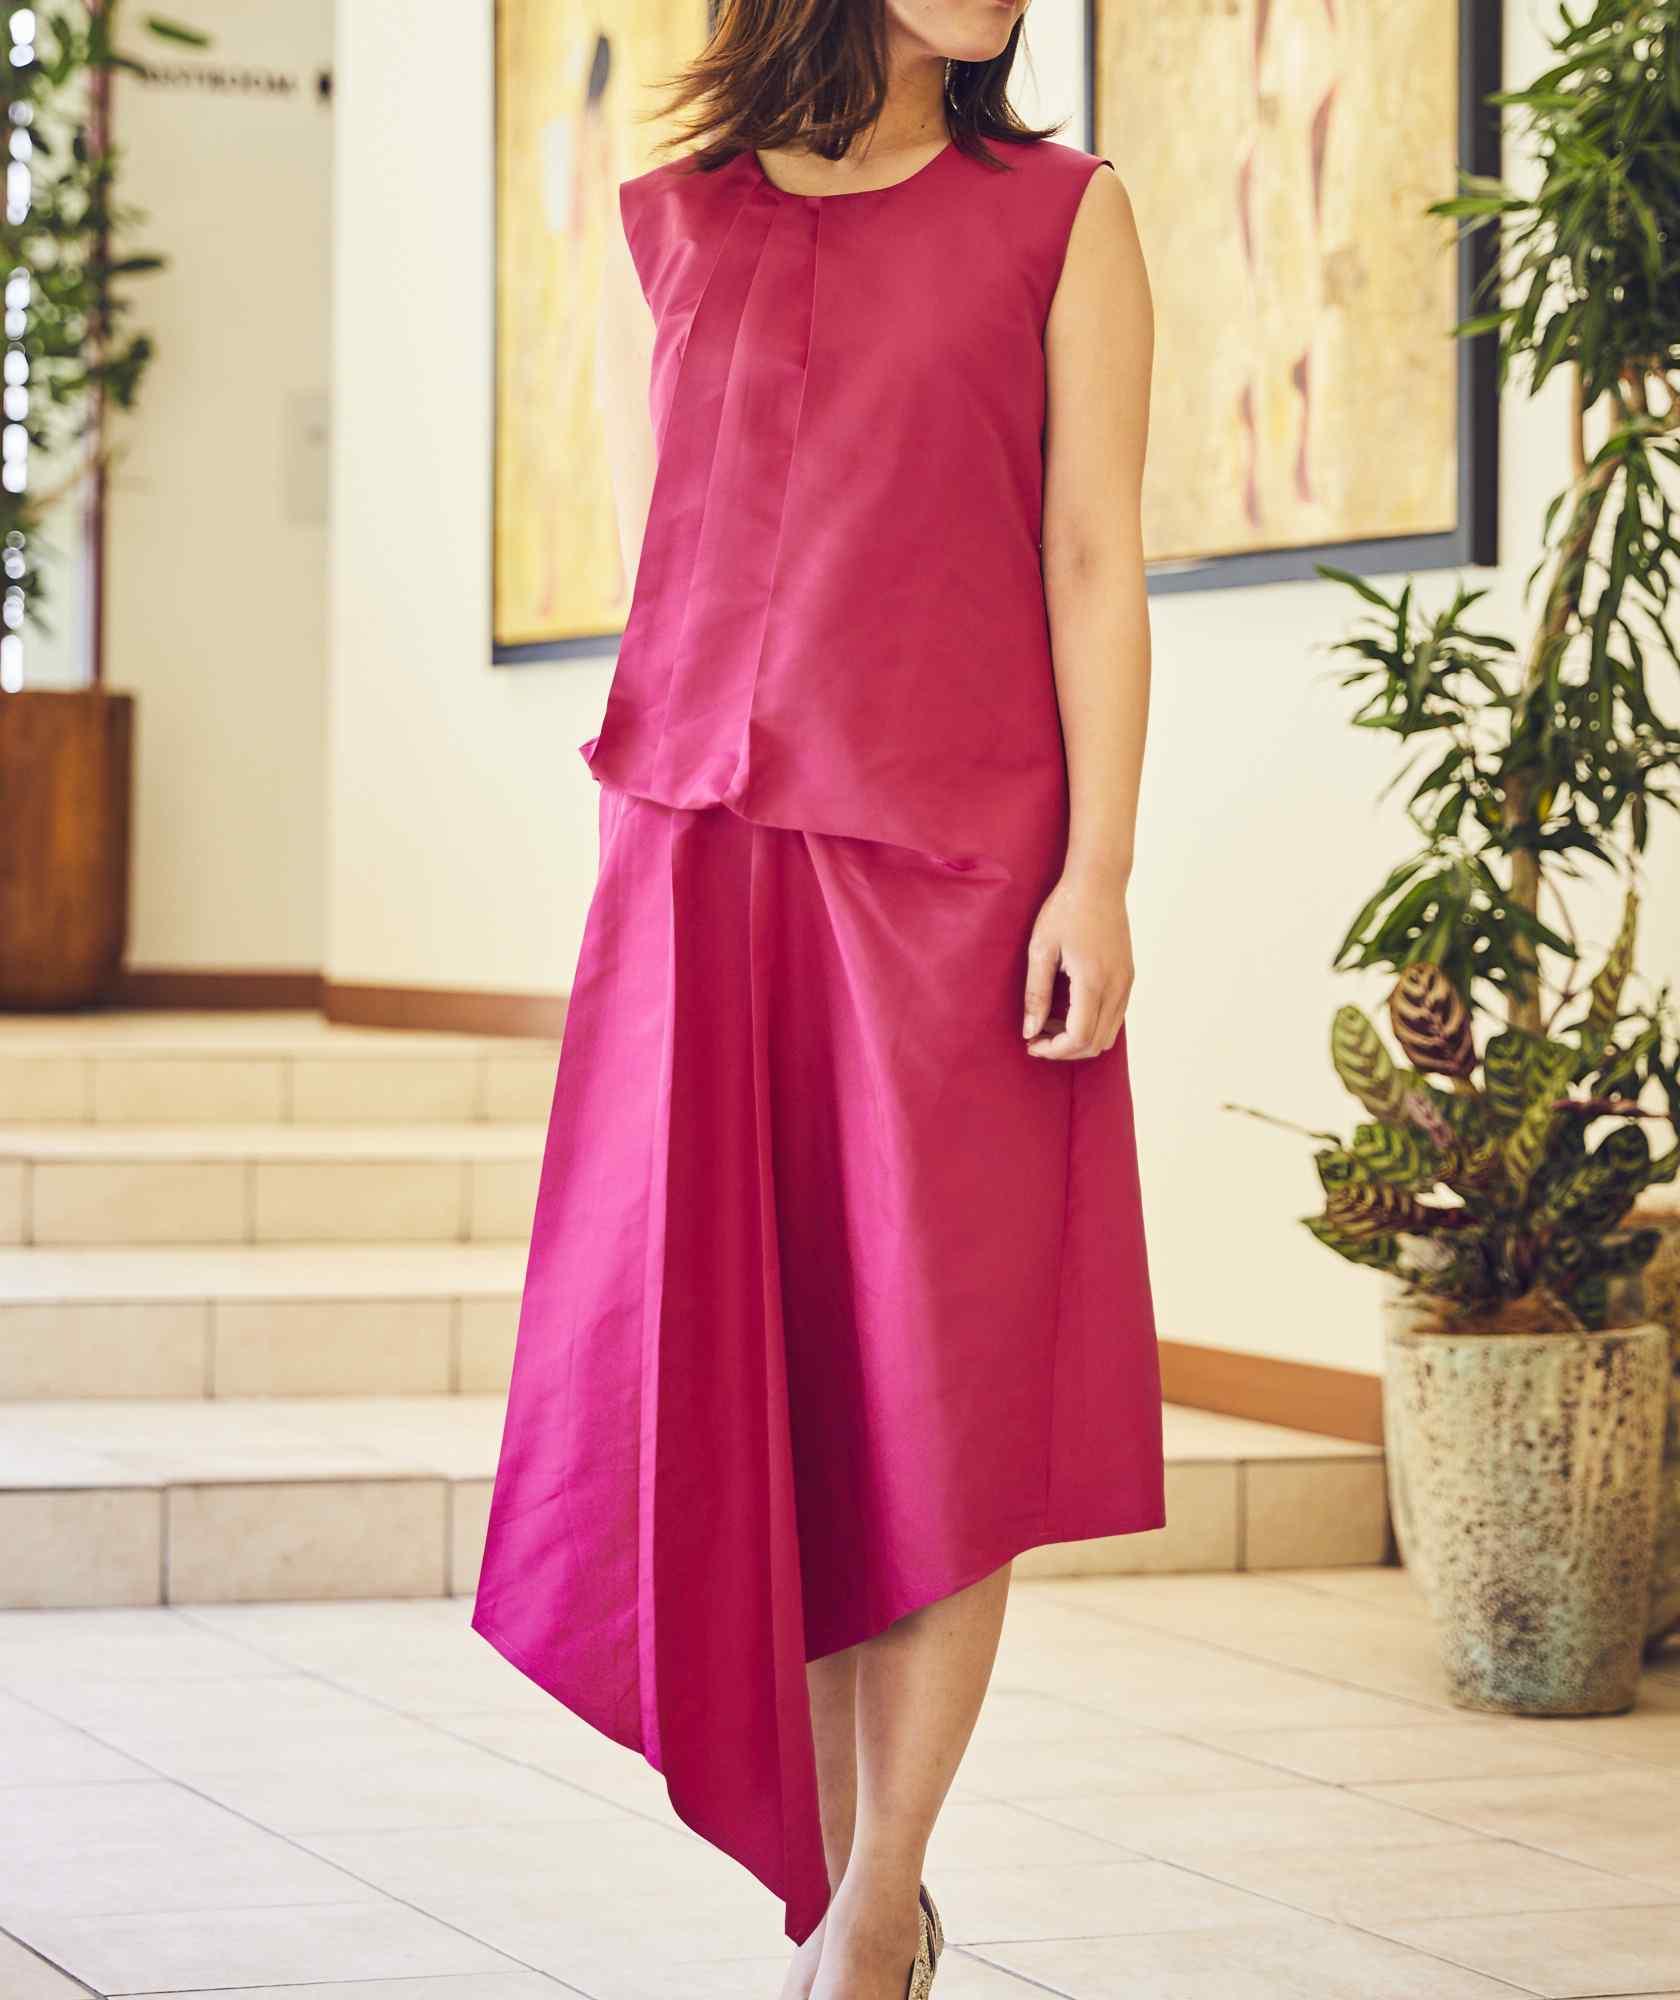 クルーネックデザイントップOGAラインミディアムドレス-ピンク-M